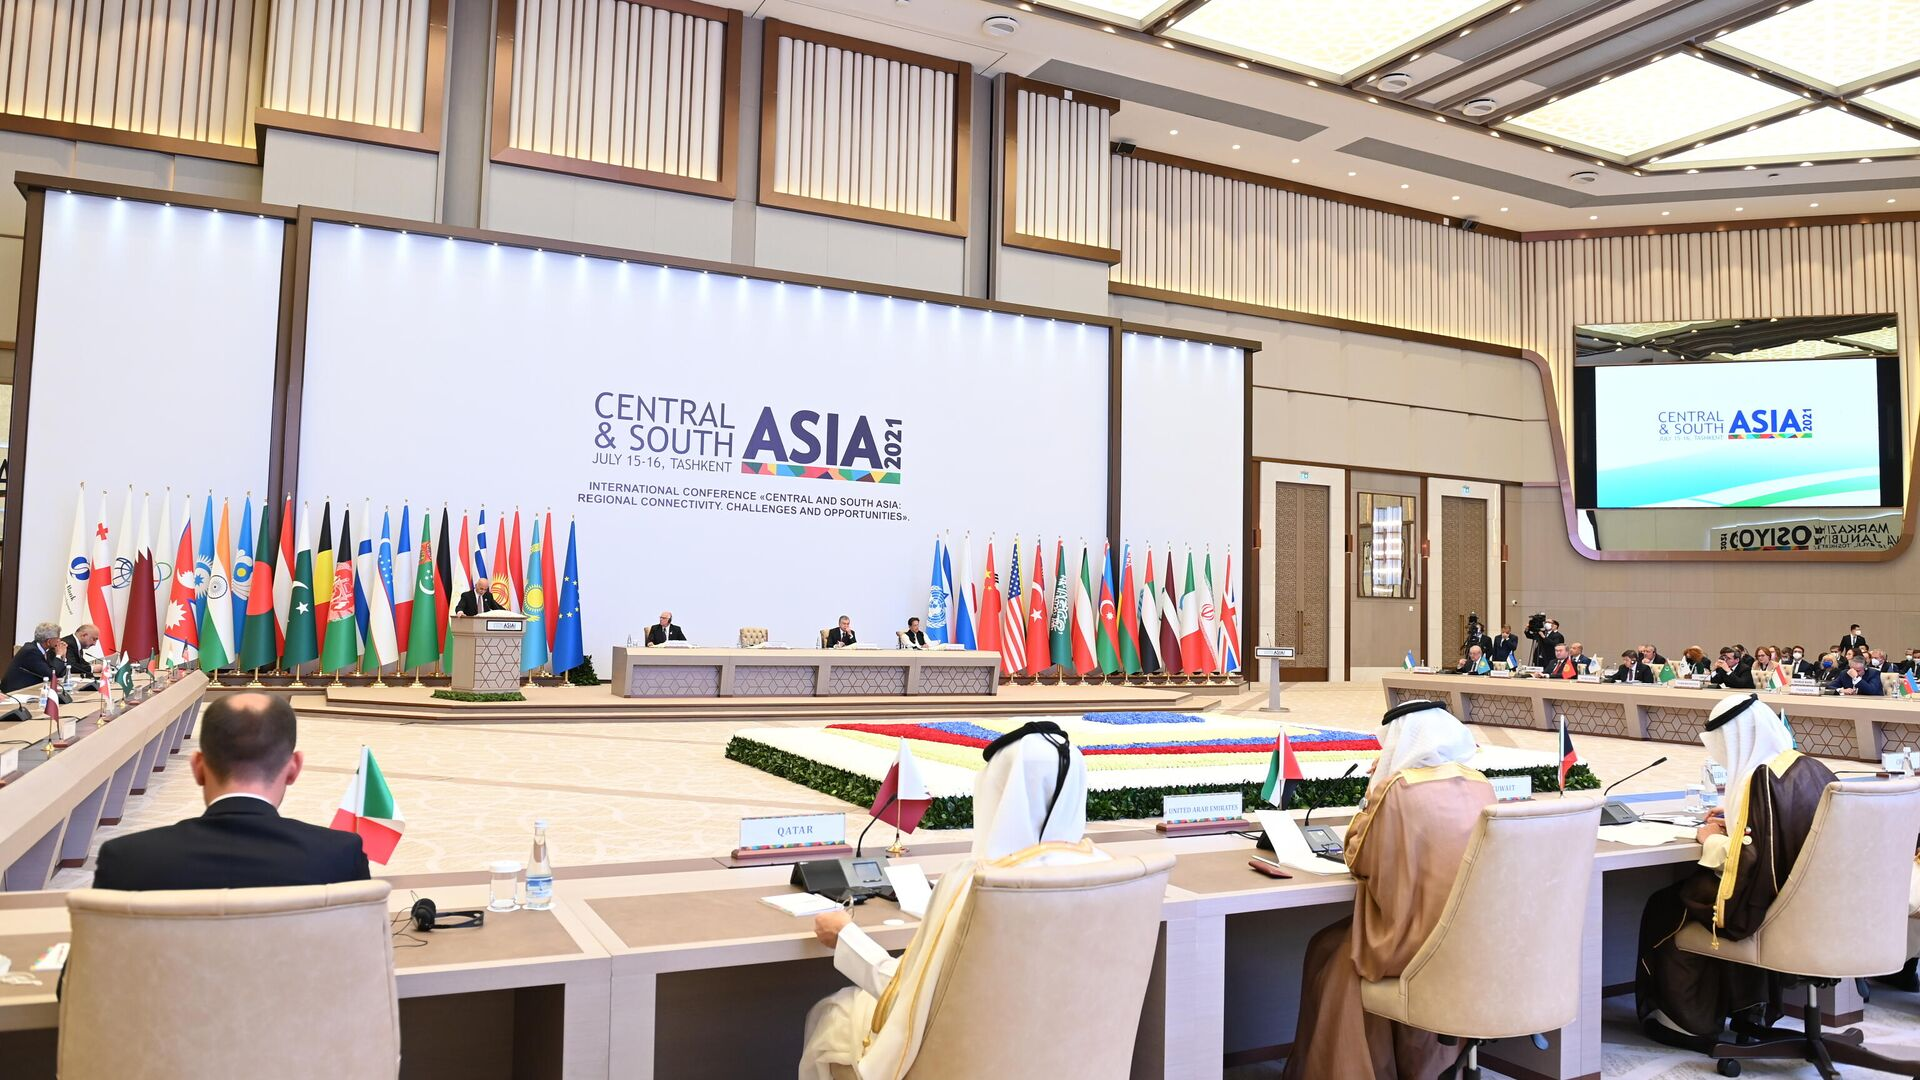 Конференция Центральная и Южная Азия в Ташкенте - Sputnik Узбекистан, 1920, 16.07.2021